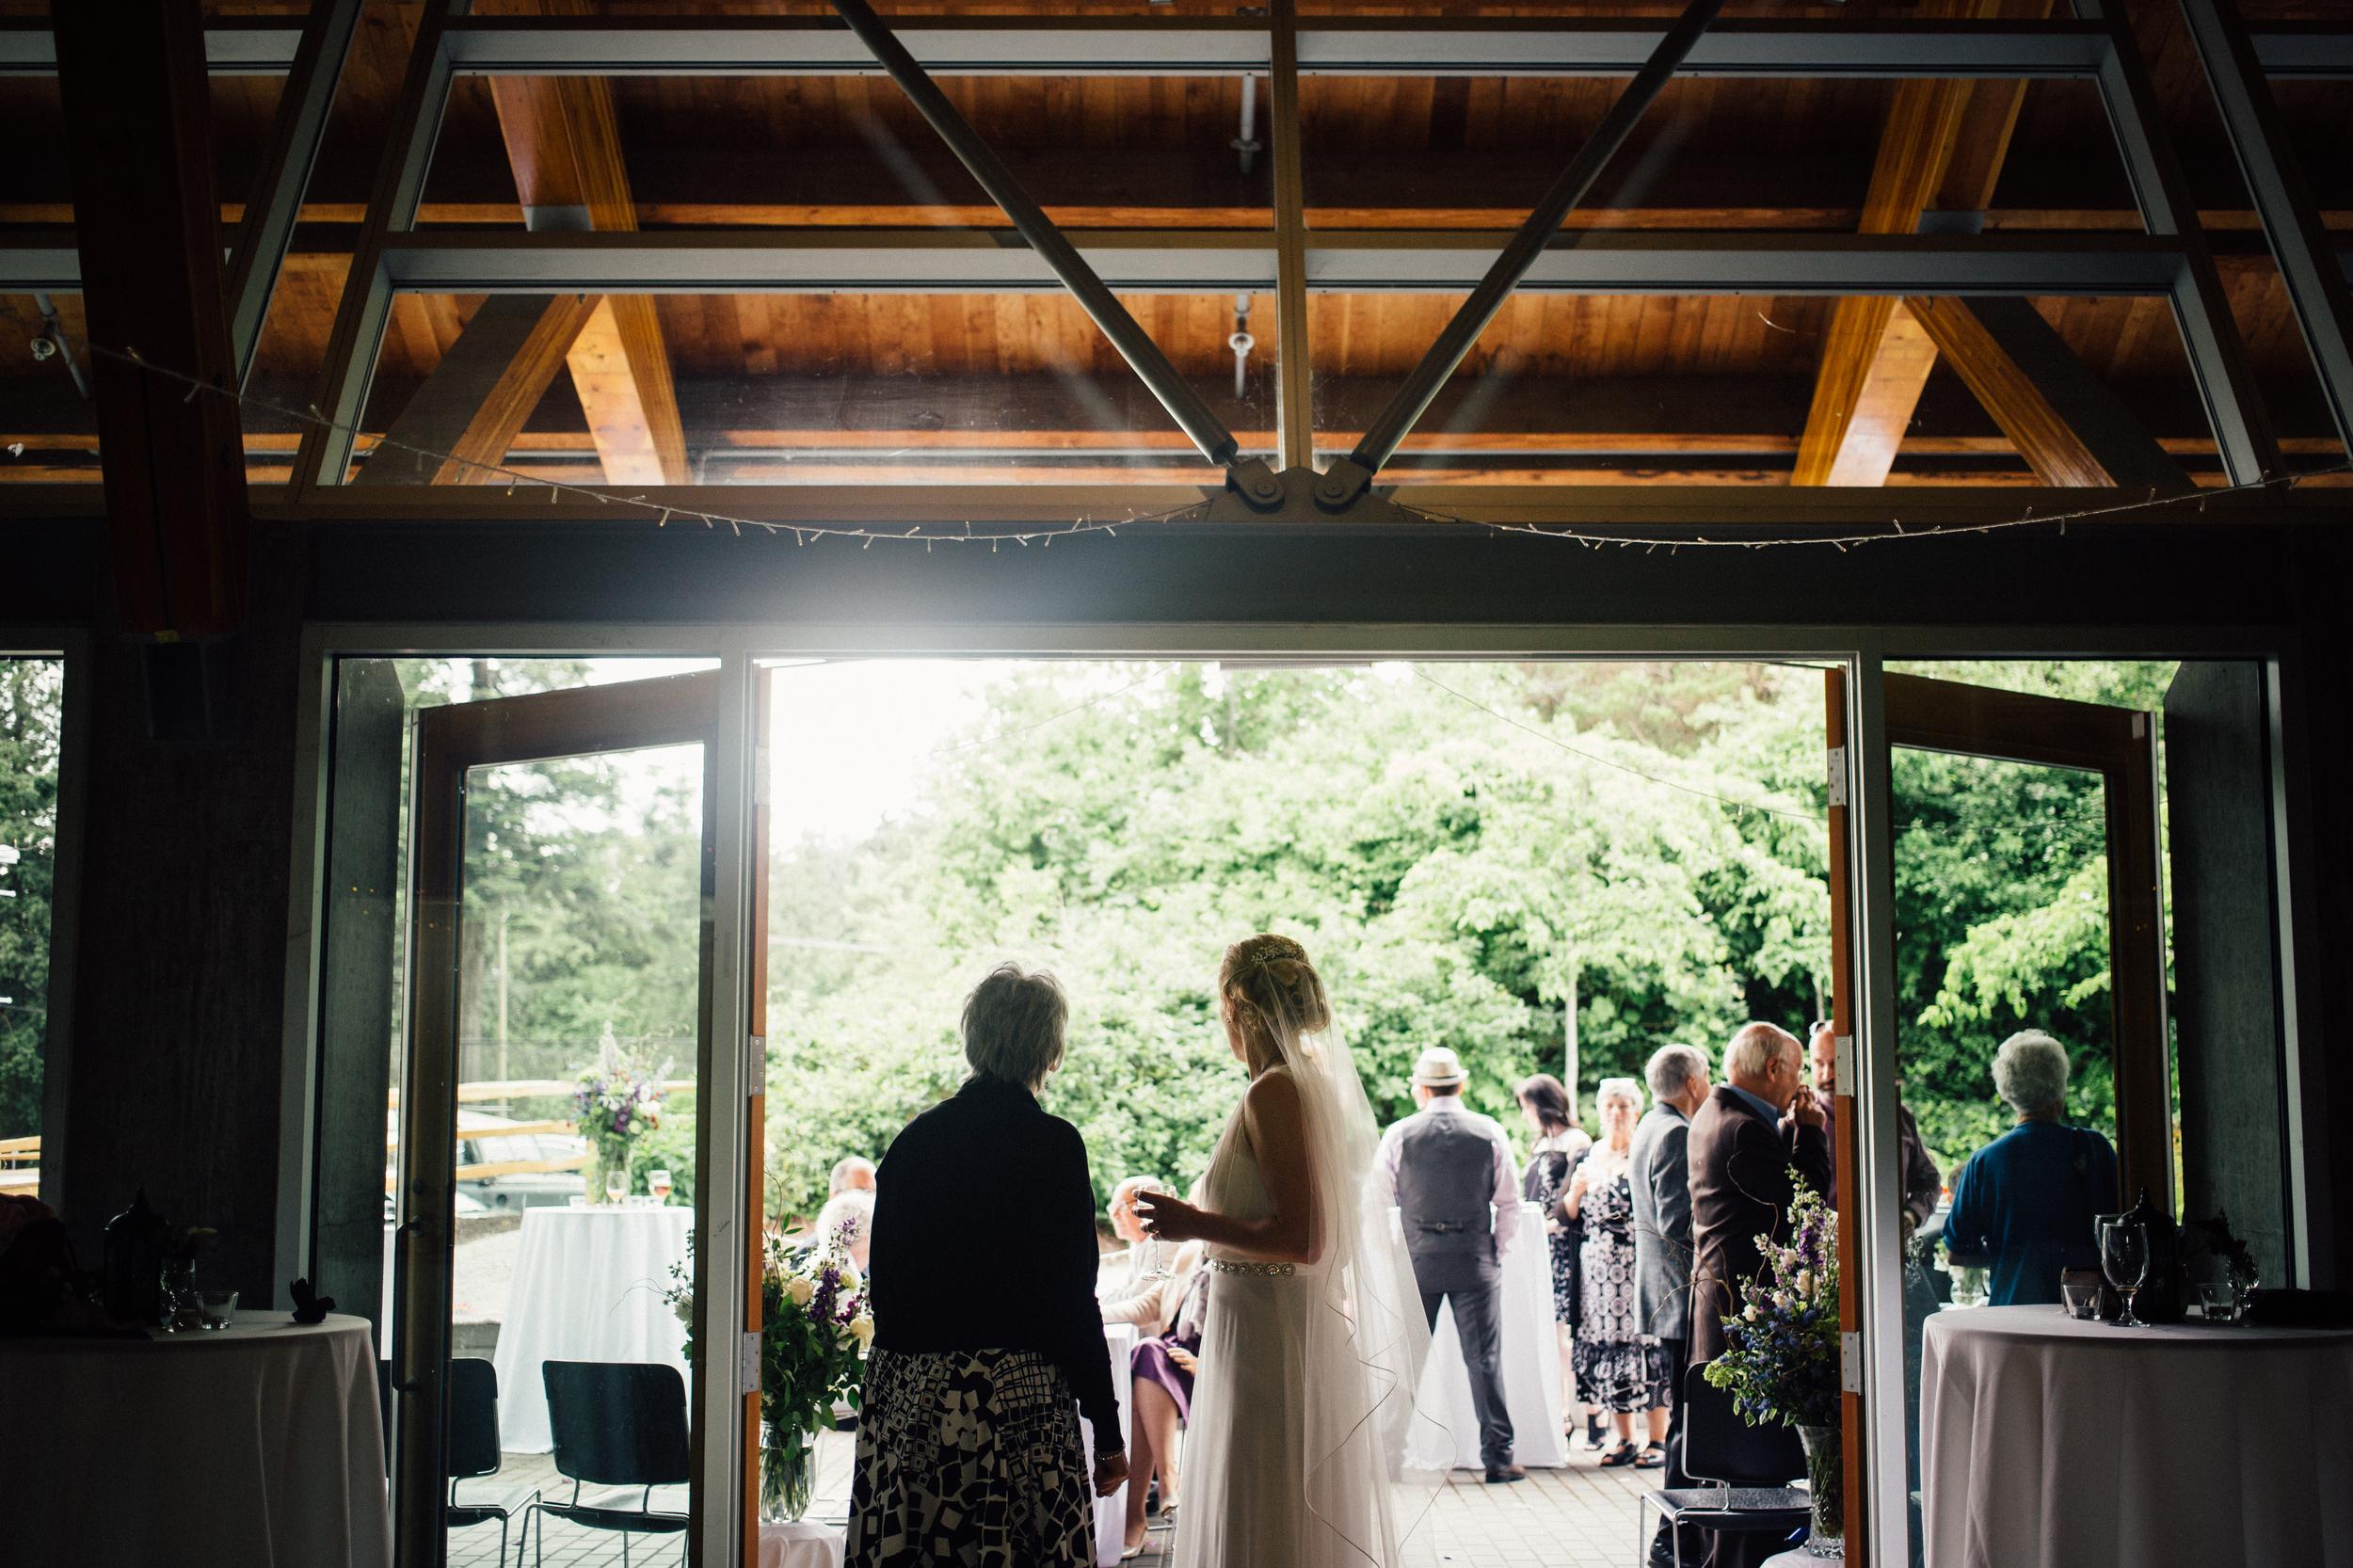 dogwoodphotography_photographer_vancouver_wedding_kimberley (144 of 180).jpg